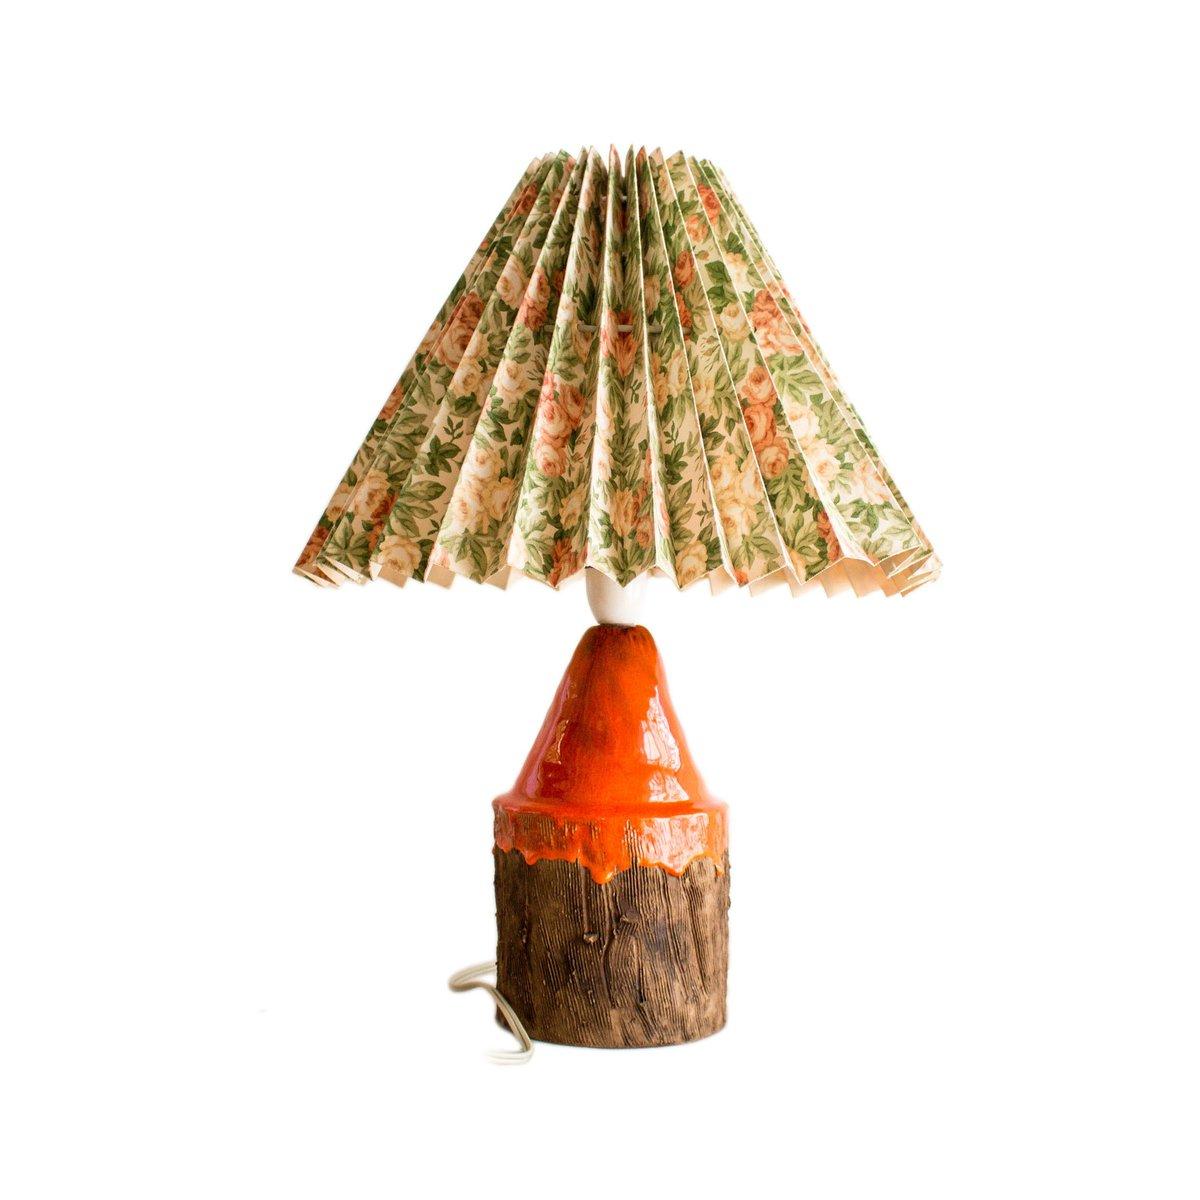 Danish Ceramic Orange Glazed Table Lamp 1960s For Sale At Pamono